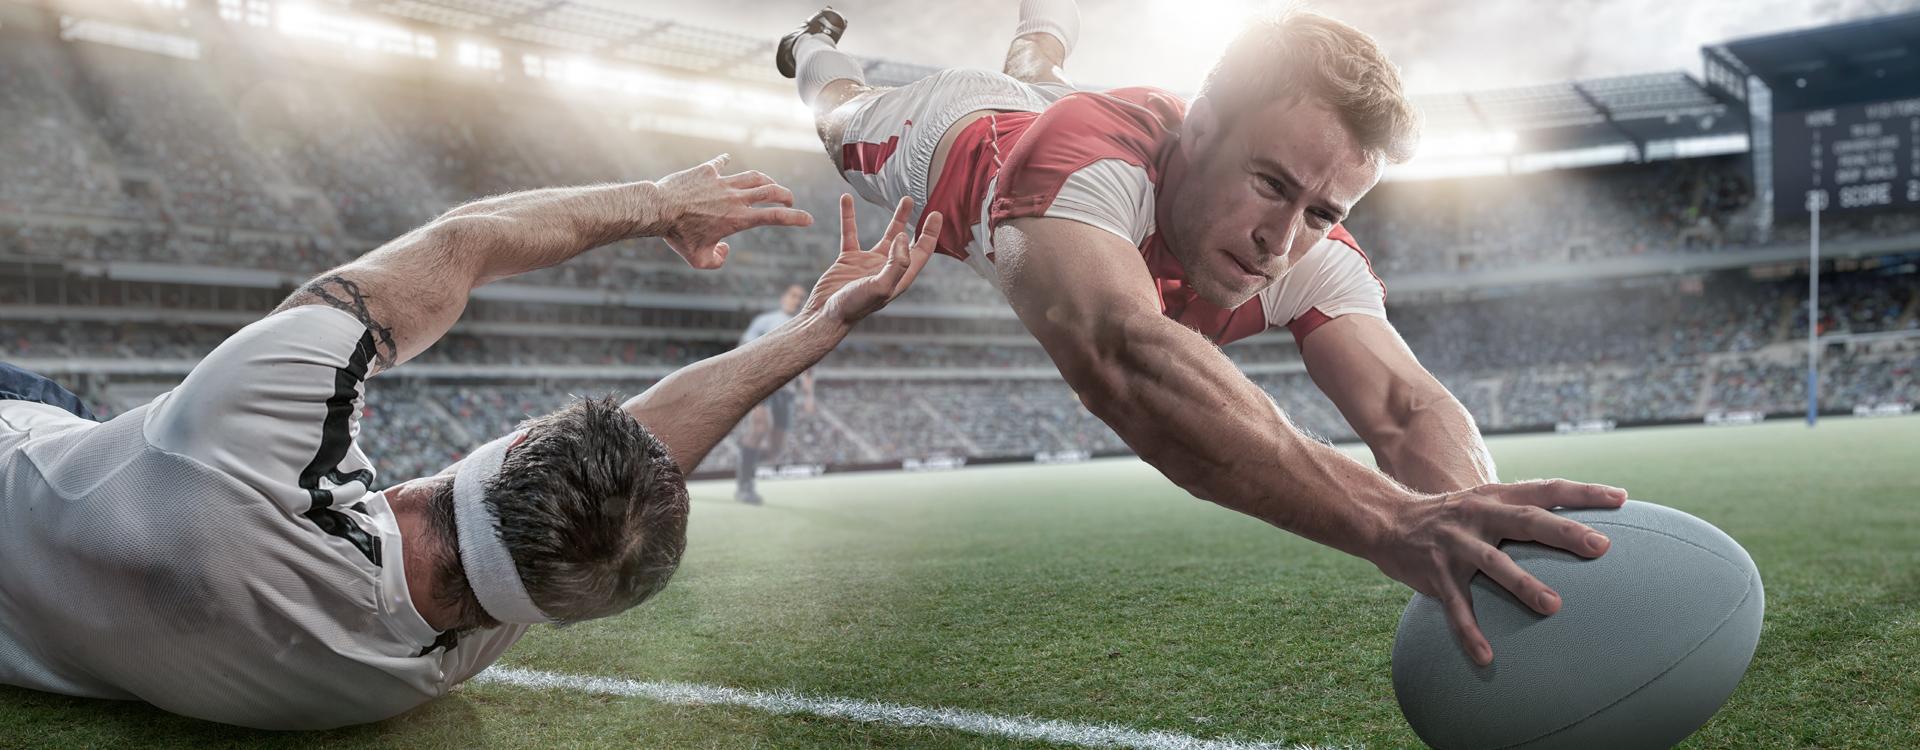 USP_Startslider_Football